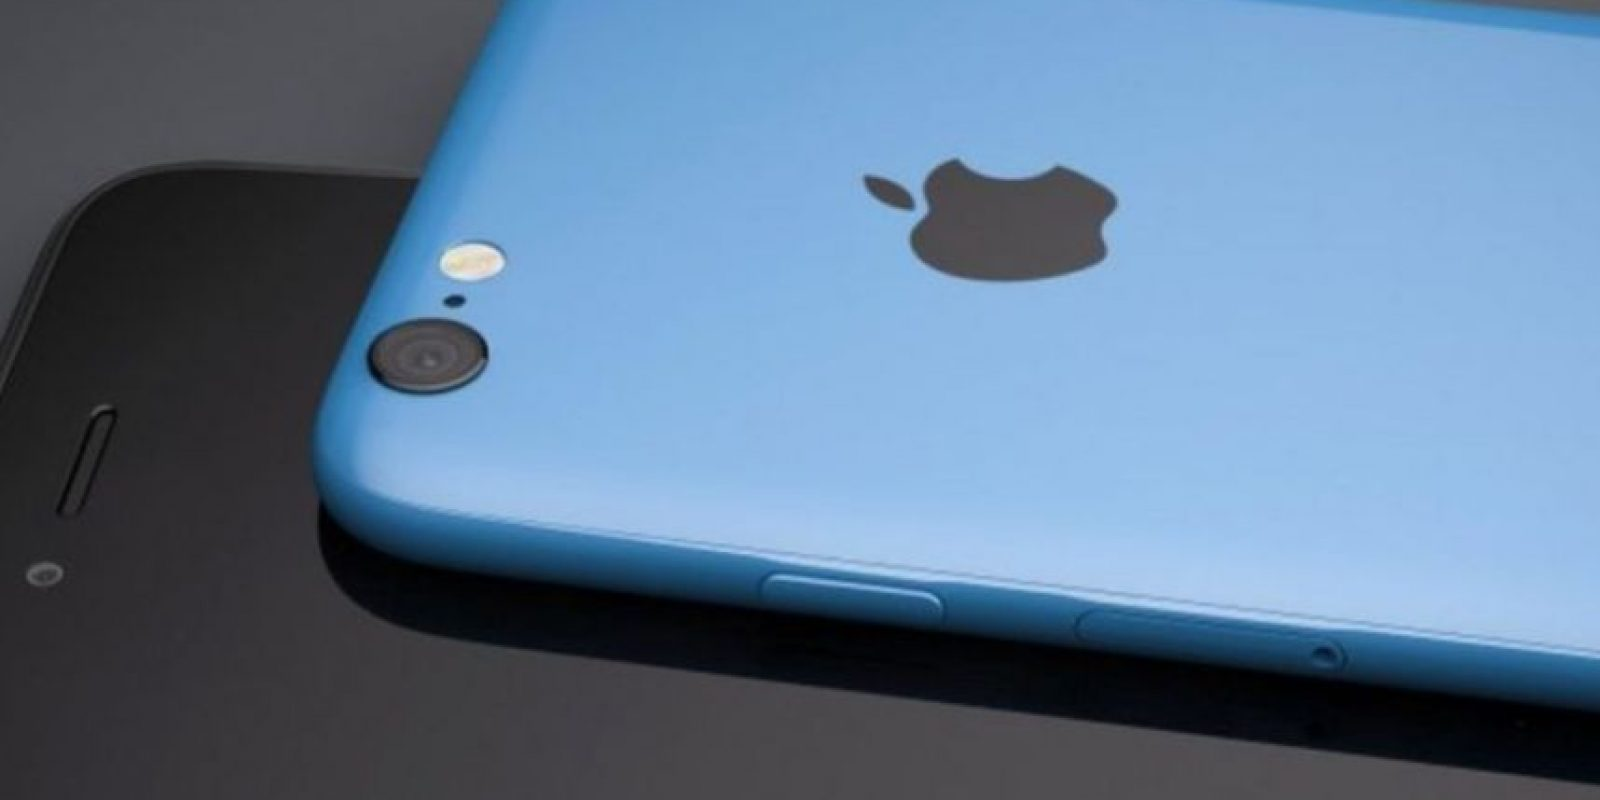 La nueva cámara llegaría a los 12 megapixeles, en comparación con los 8 megapixeles del iPhone 6. Foto:Tumblr